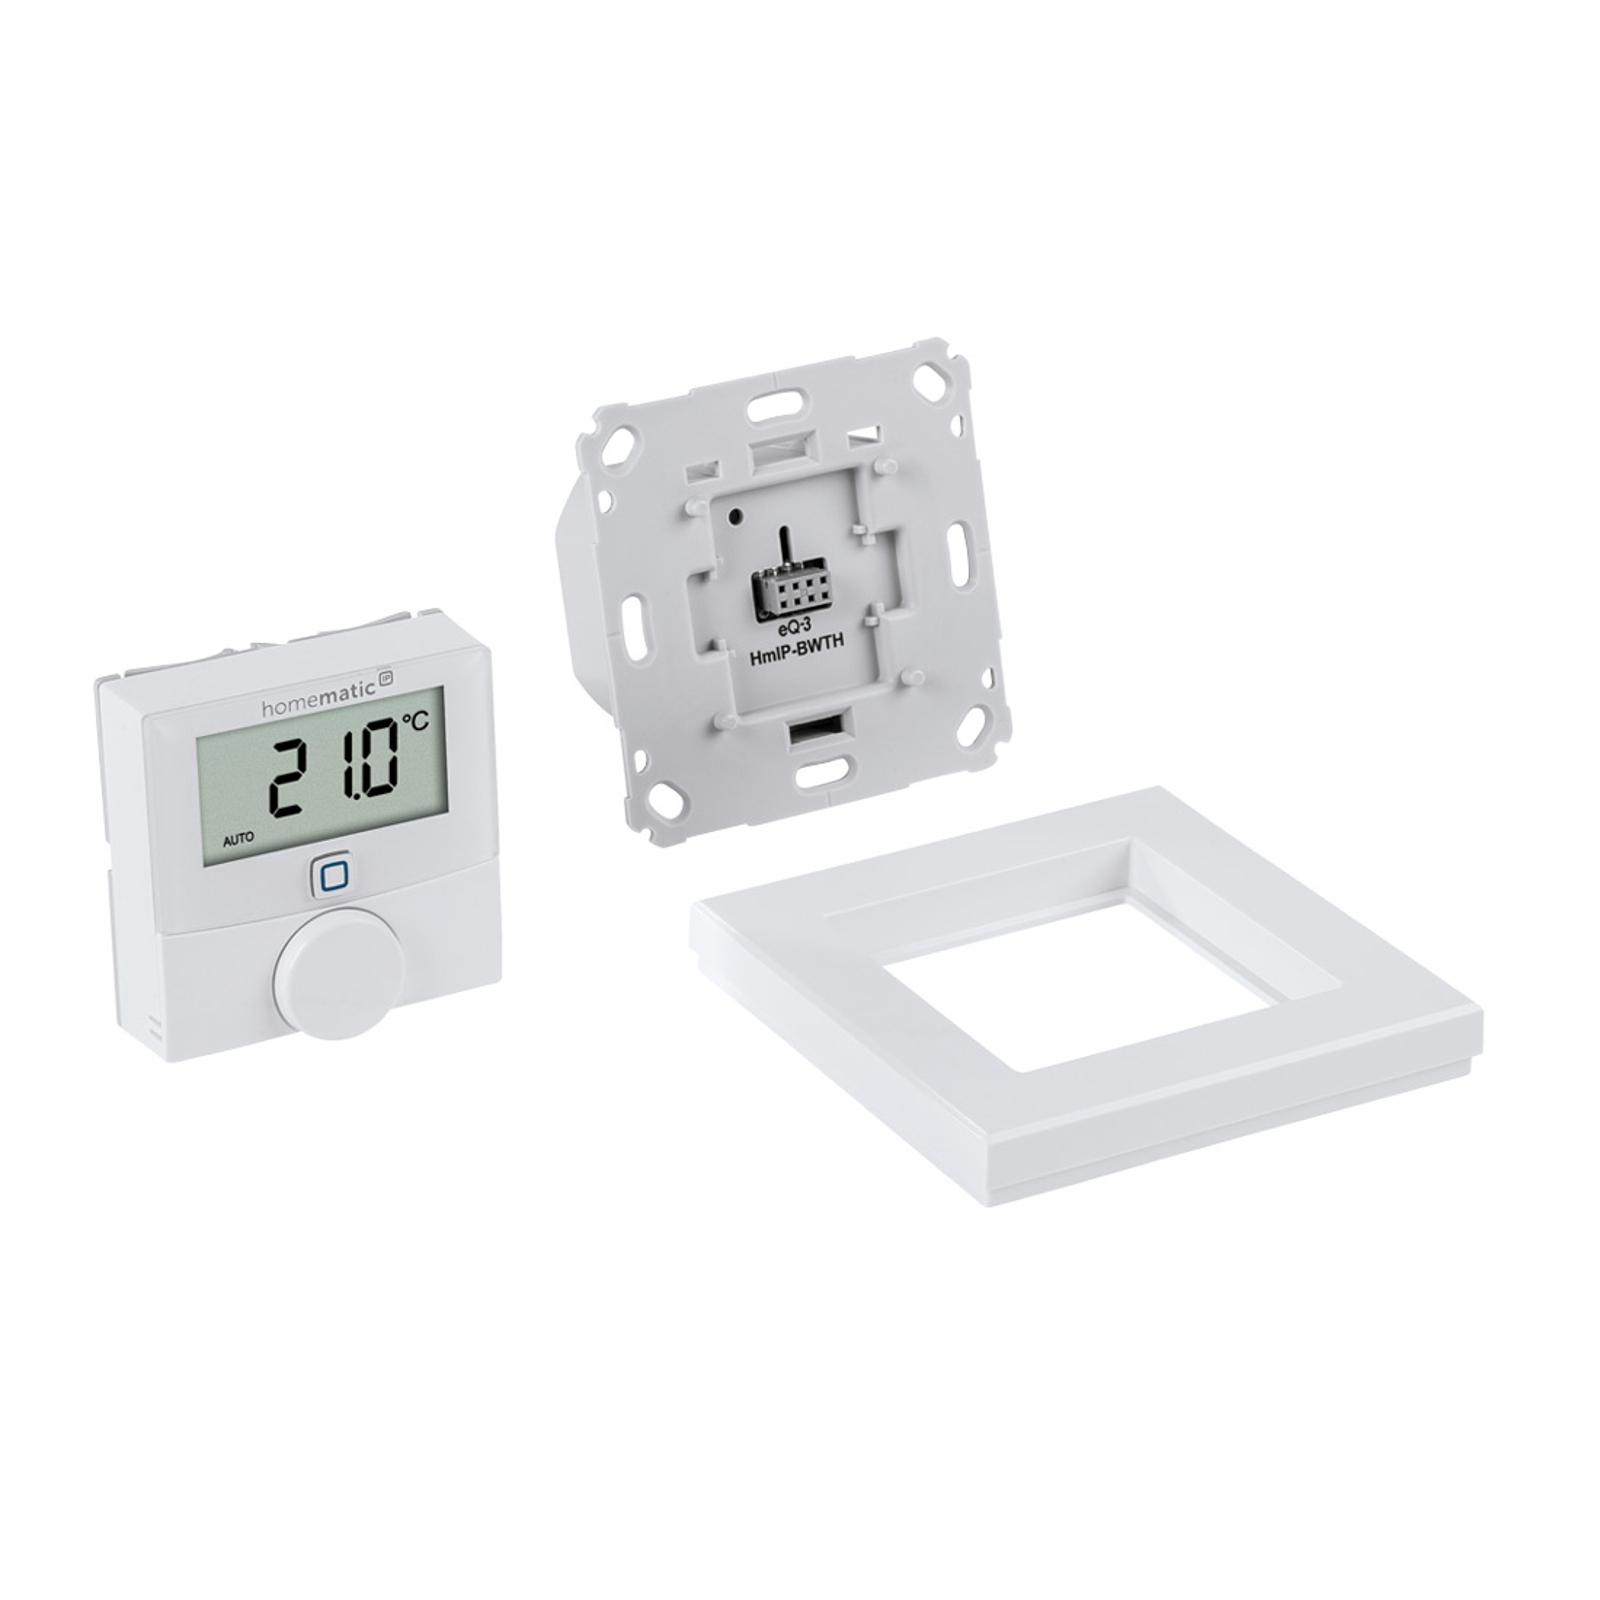 Homematic IP-wandthermostaat, schakeluitgang, 230V